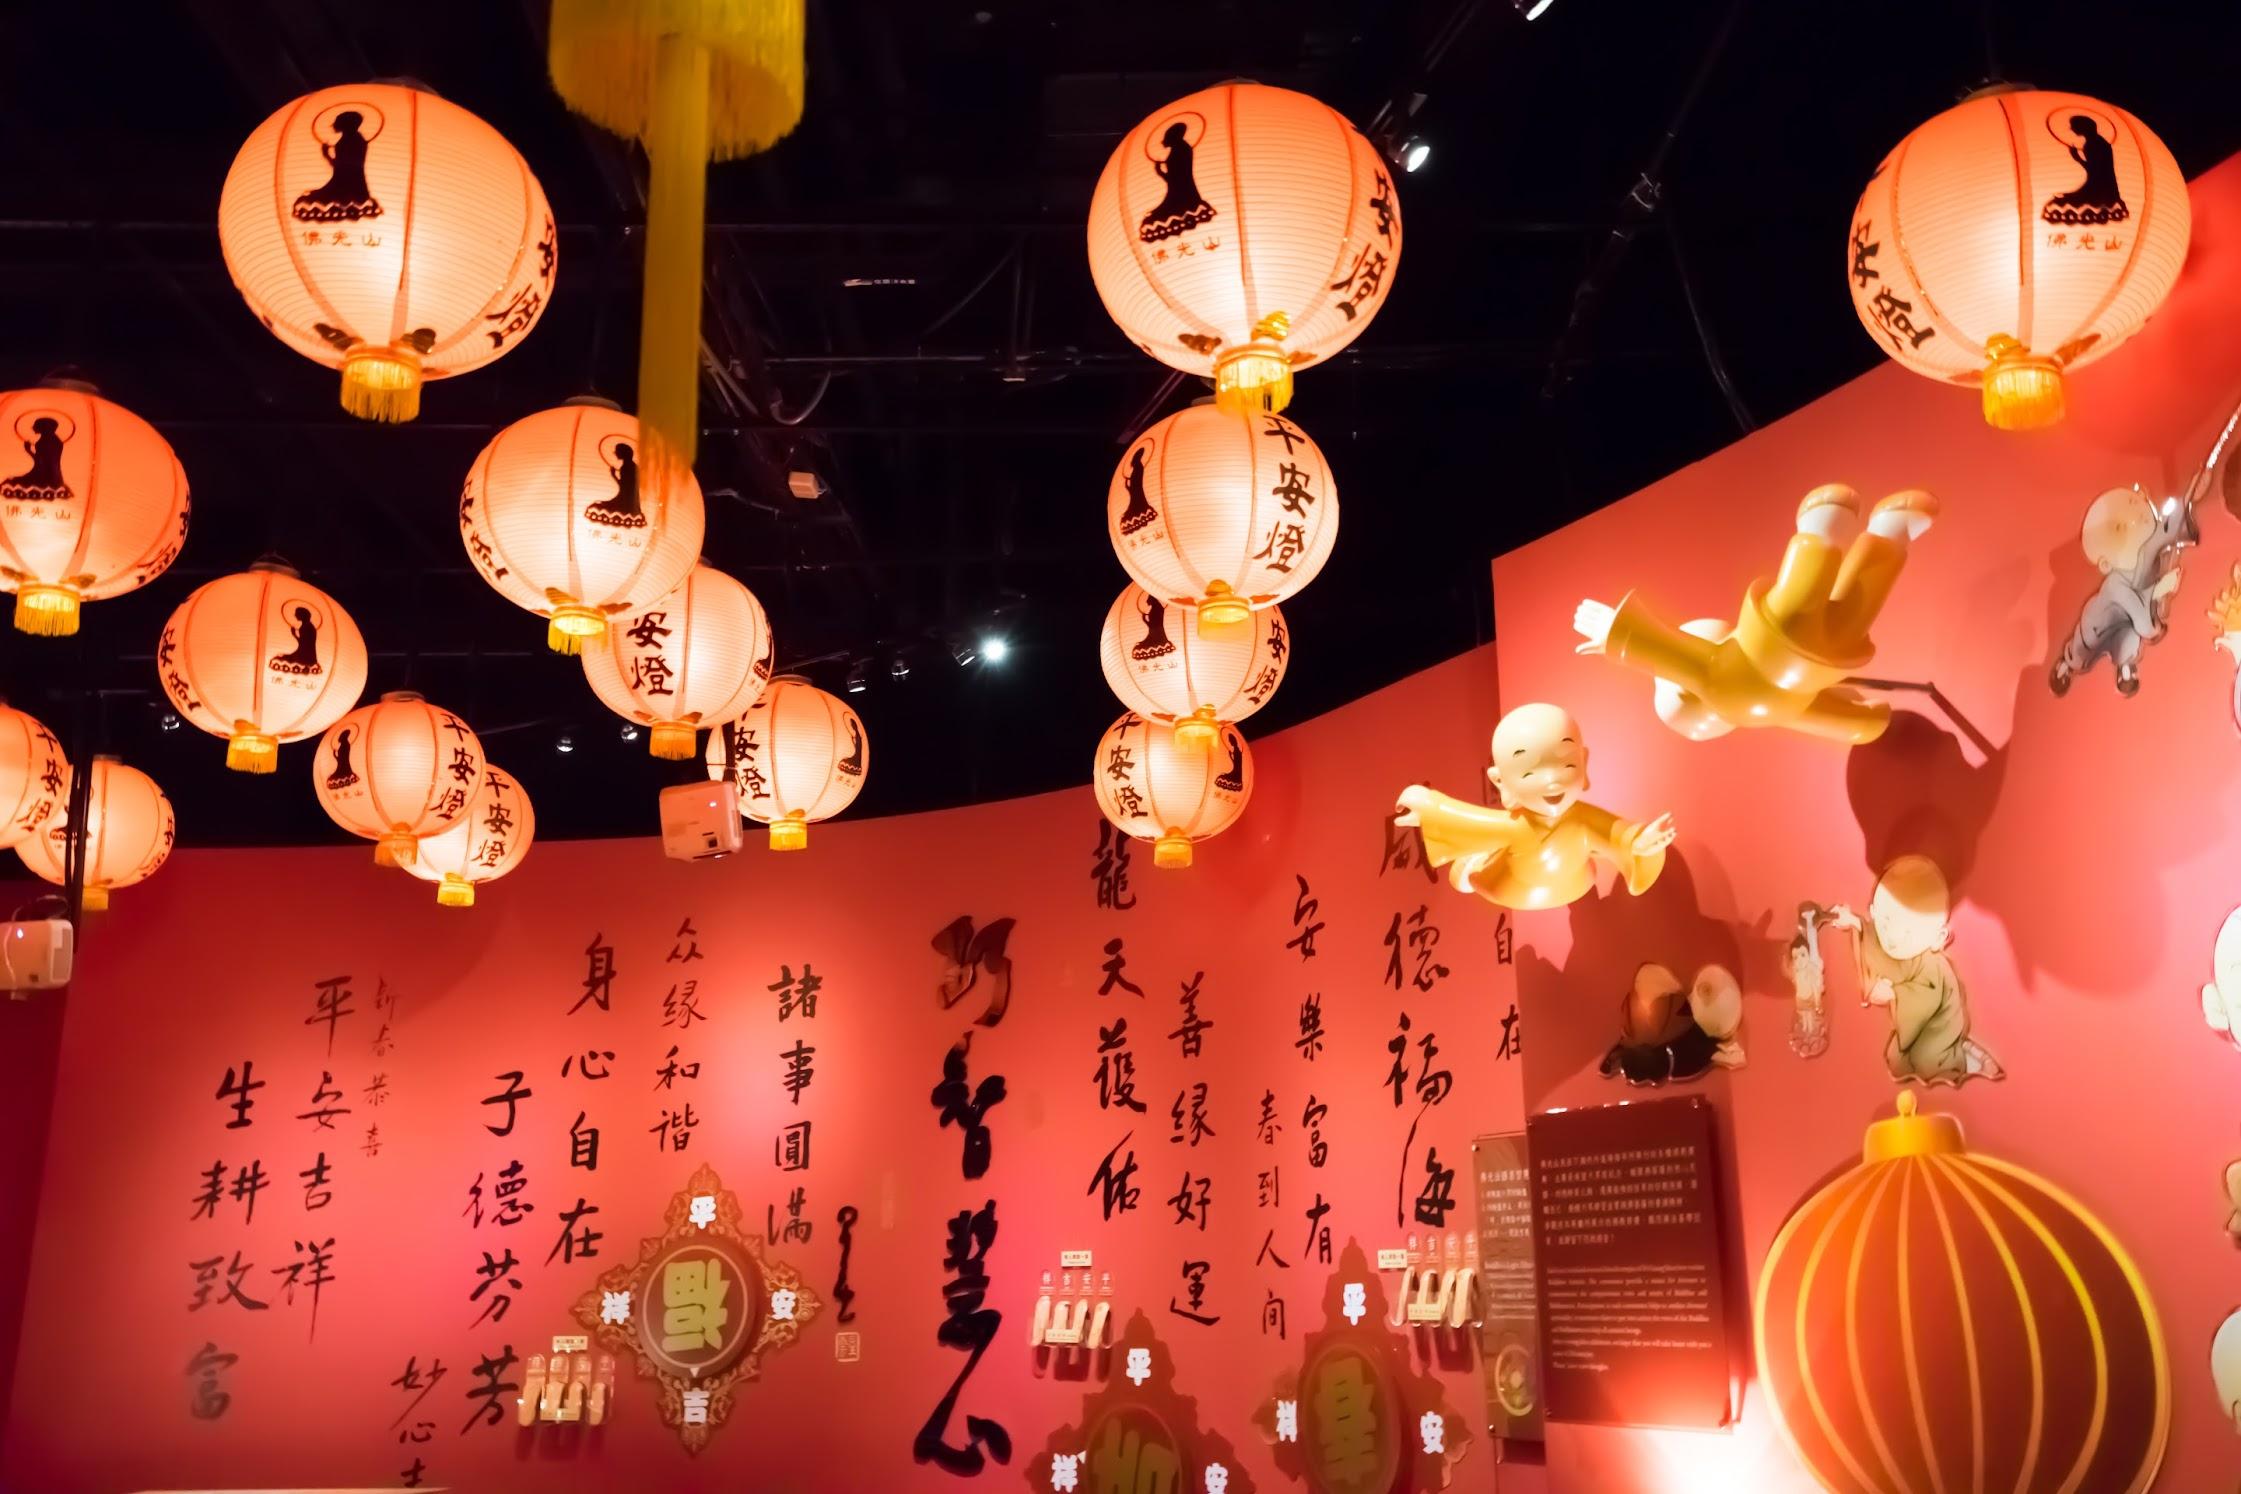 台湾 高雄 佛光山佛陀紀念館 展示5